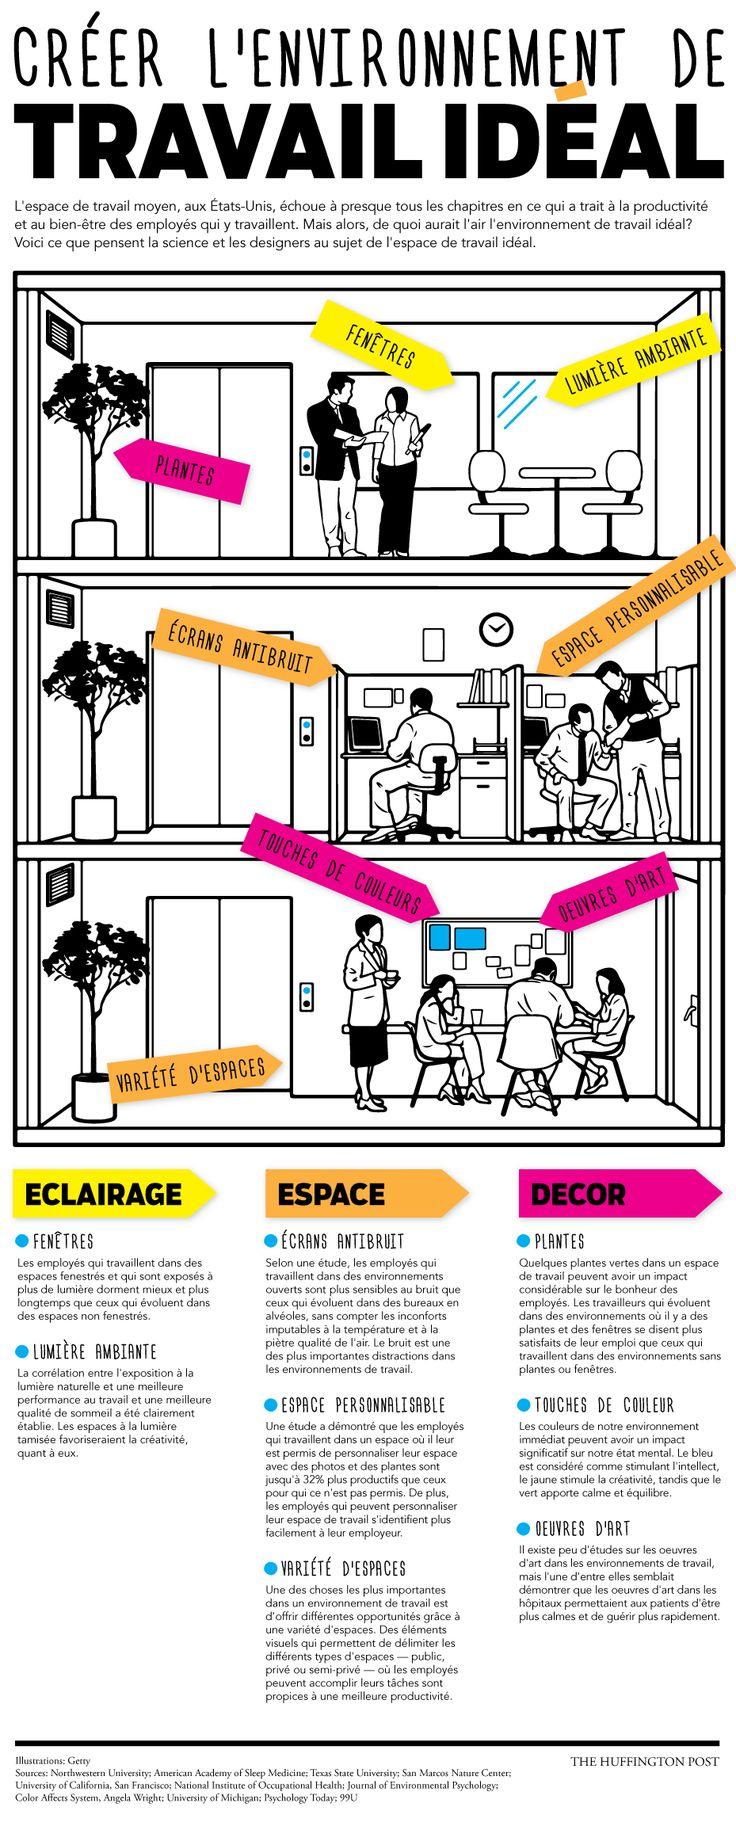 Etude Huffington Post -  Voici ce que pensent la science et les designers au sujet de l'espace de travail idéal.